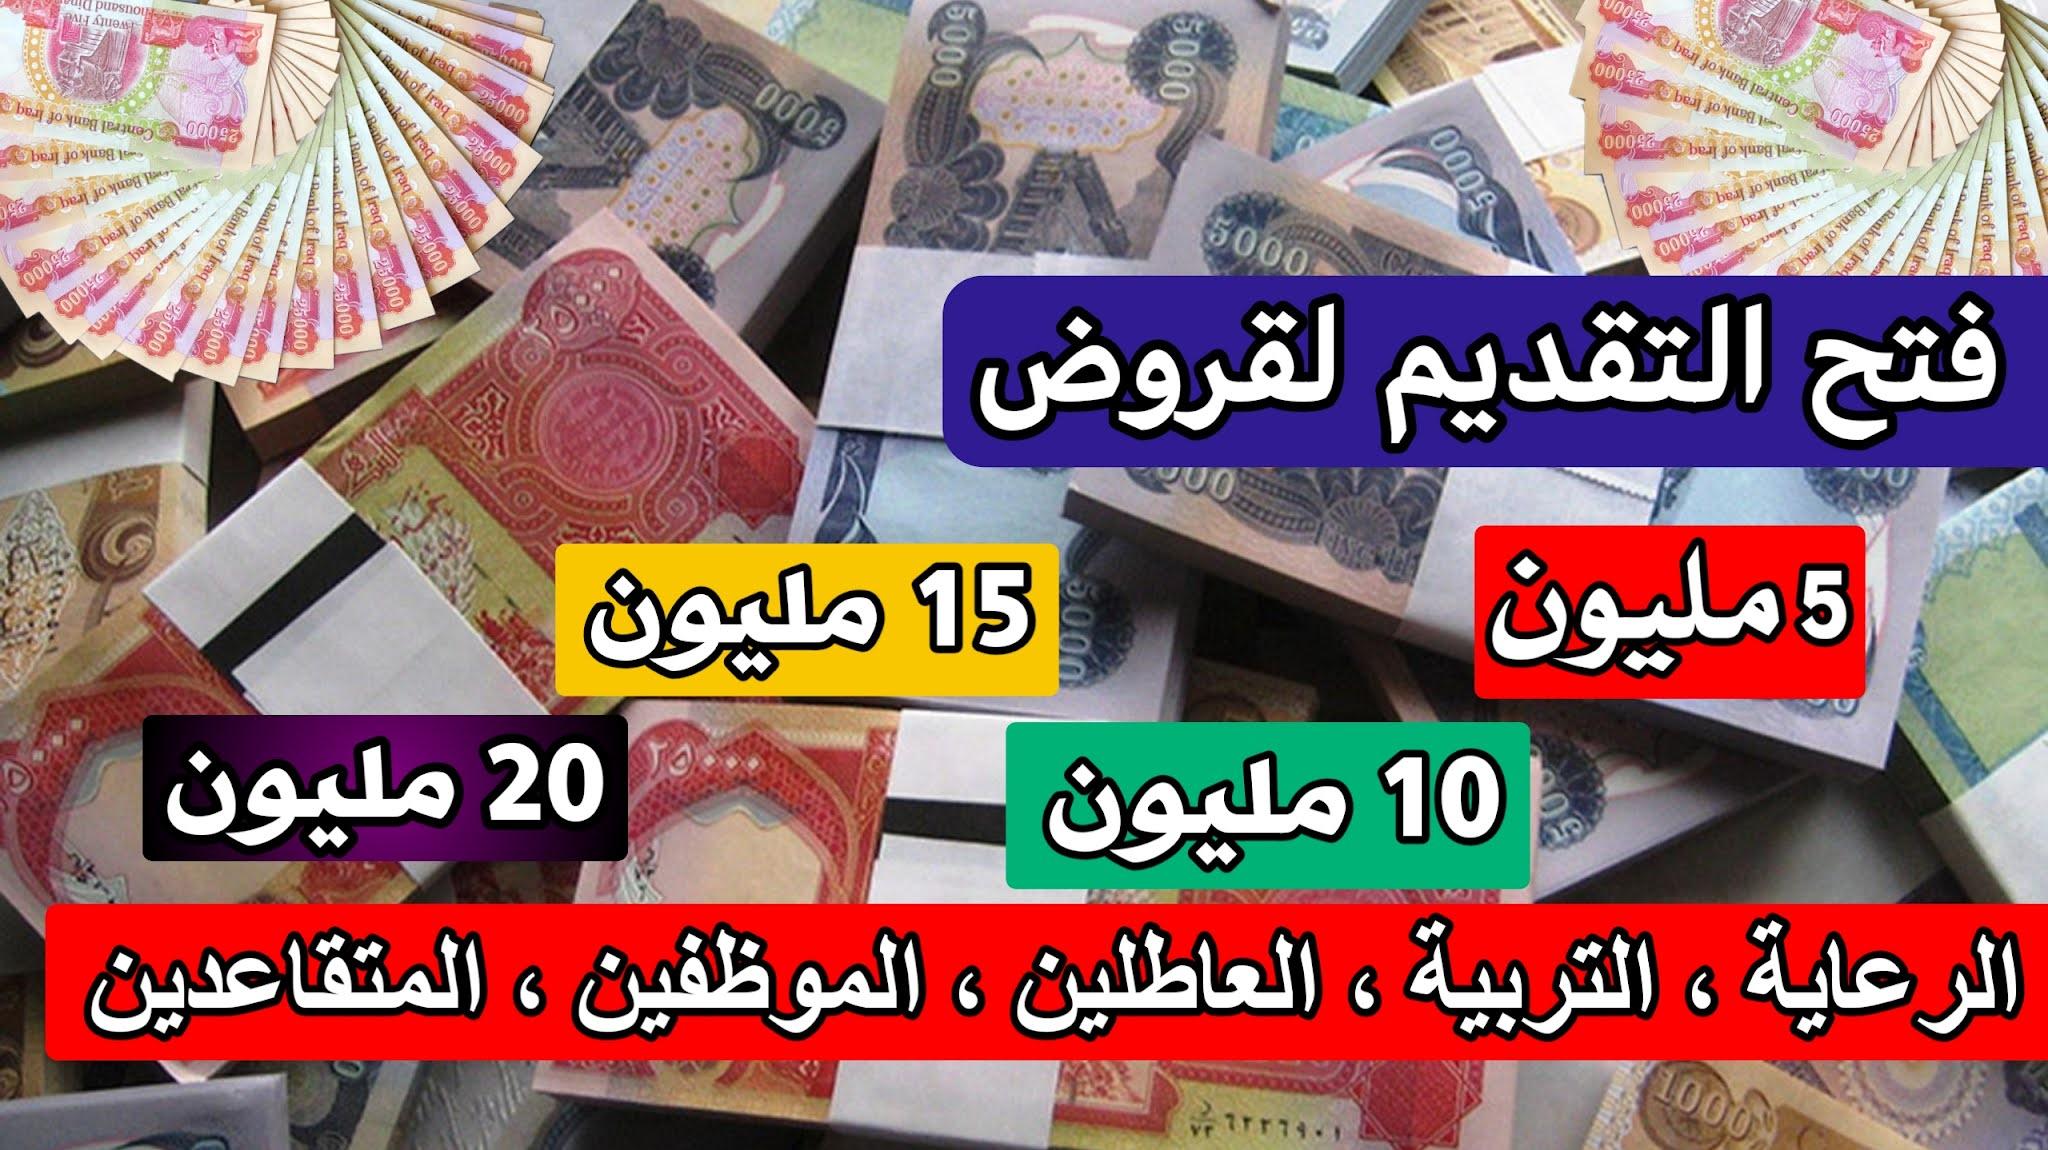 مصرف الرافدين يعلن شمول فئات جديدة بقروض 25 مليون دينار